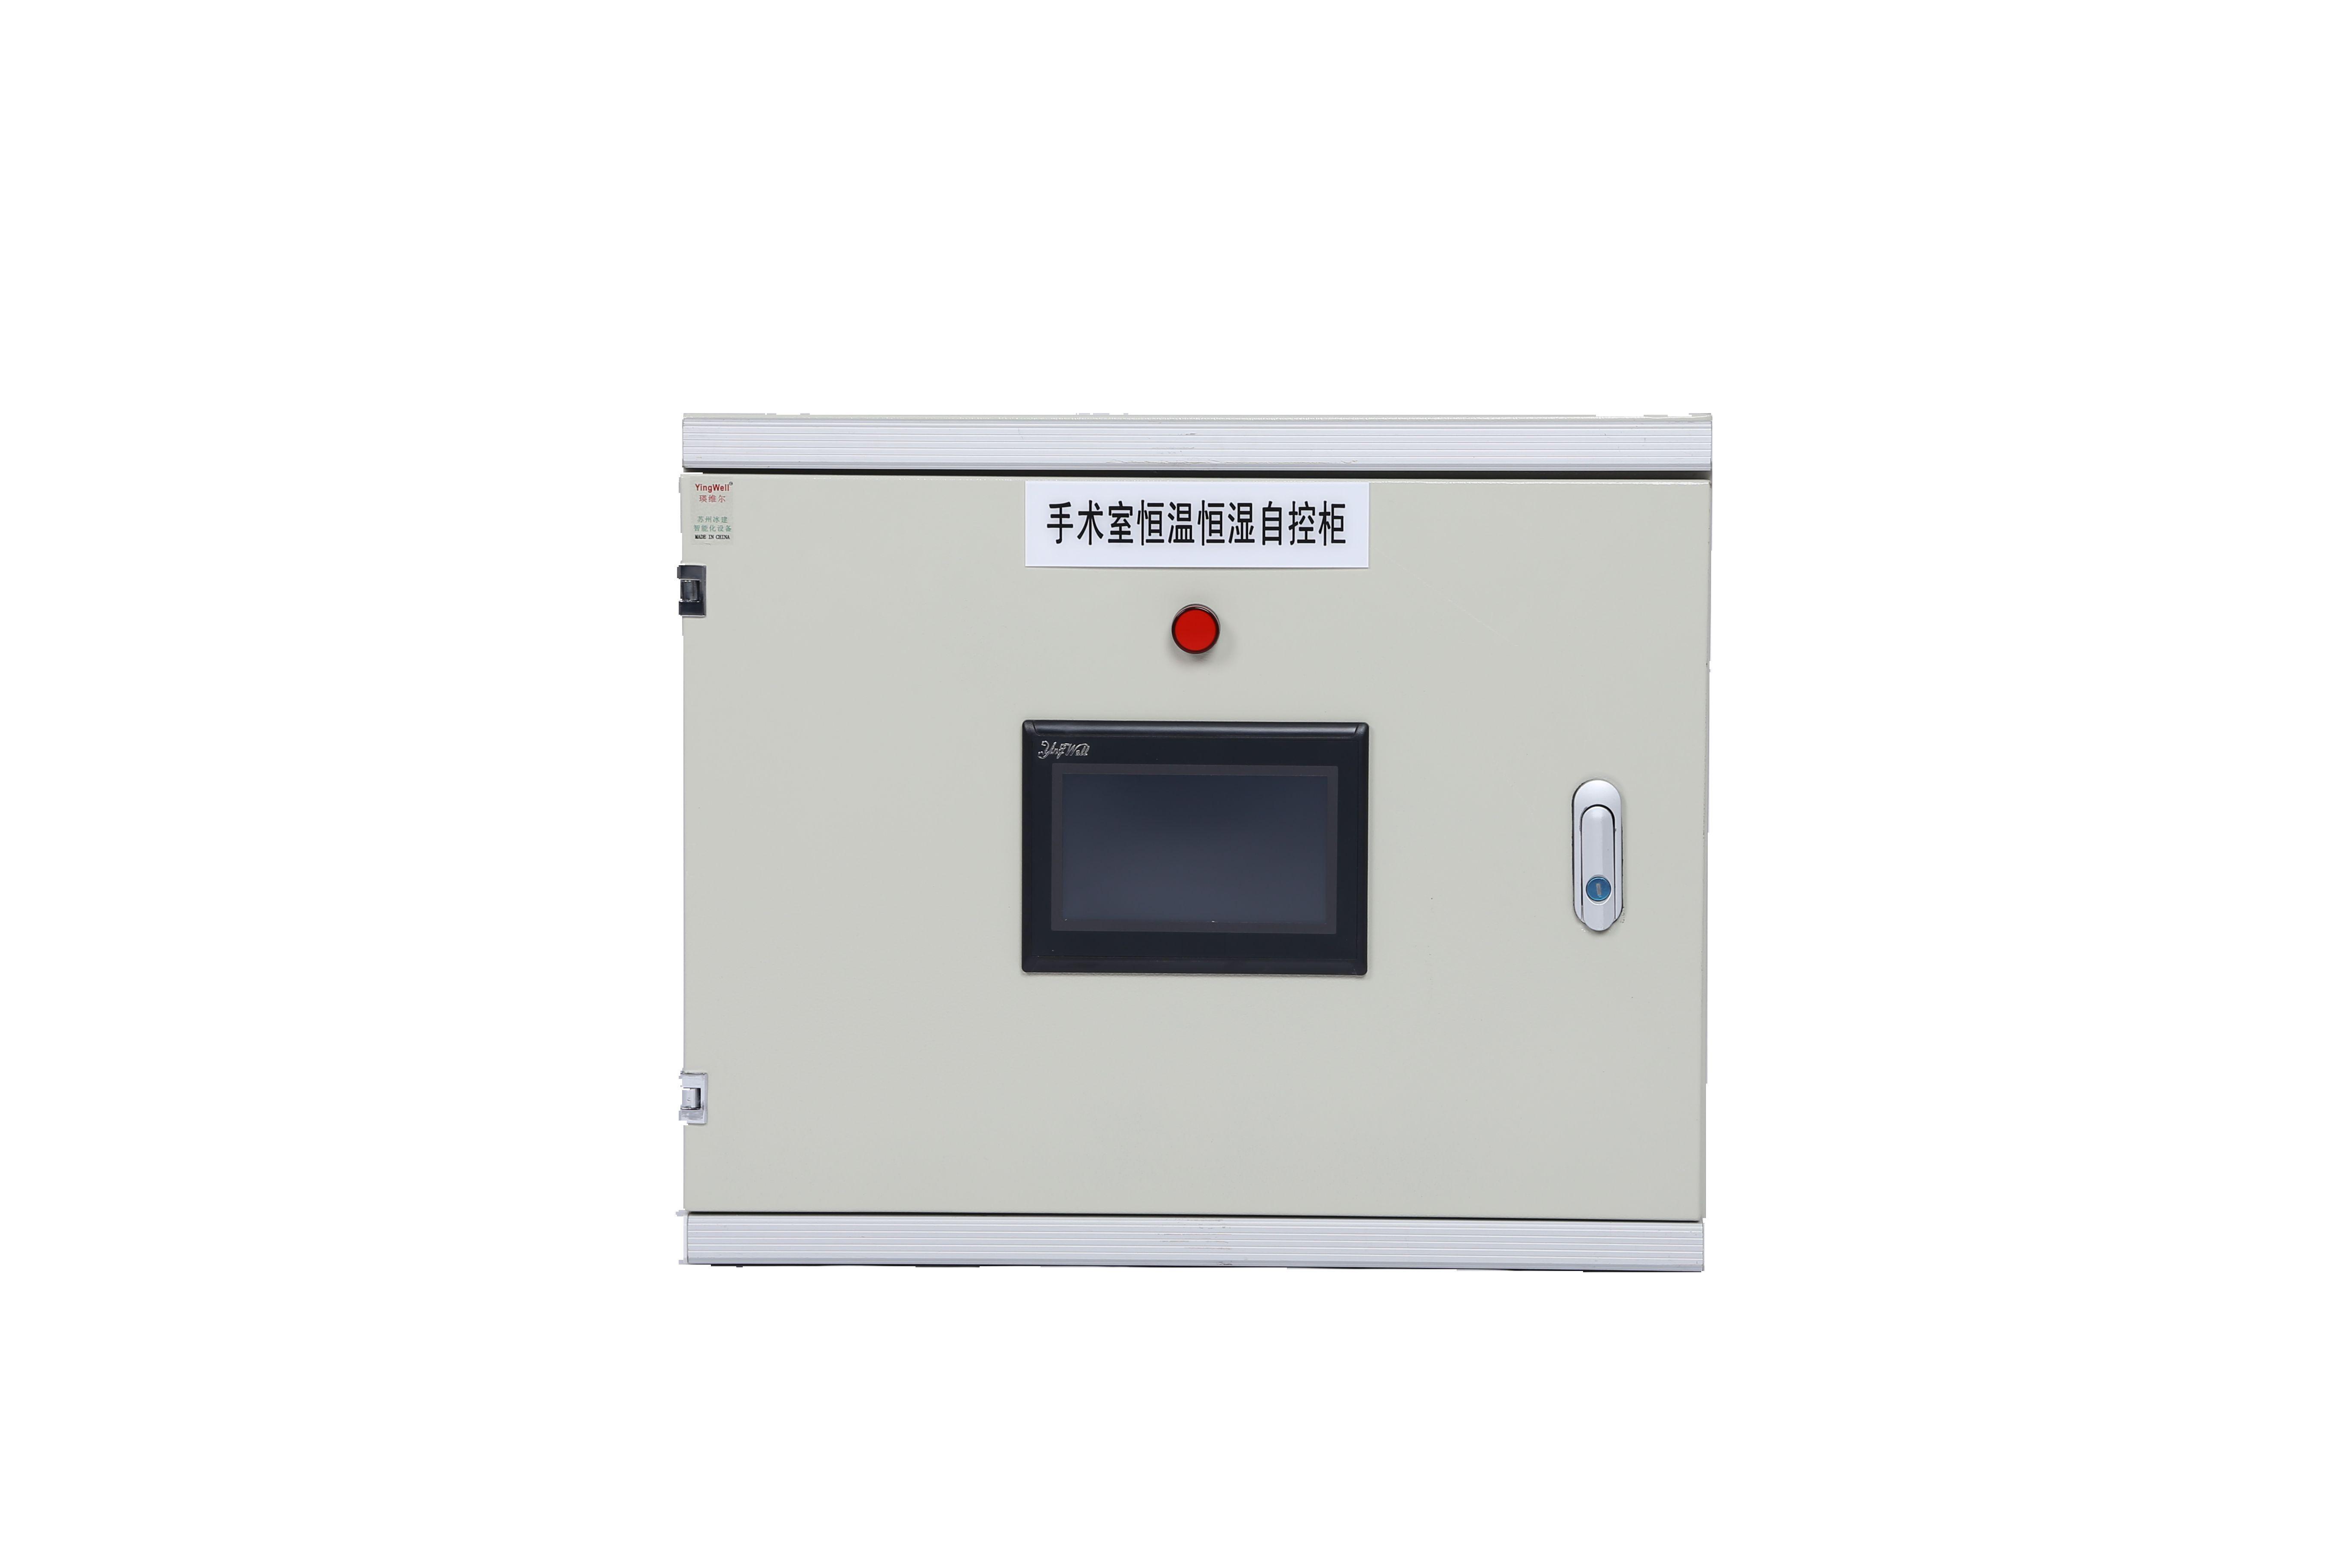 手术室空调自控柜PLC控制柜YingWell